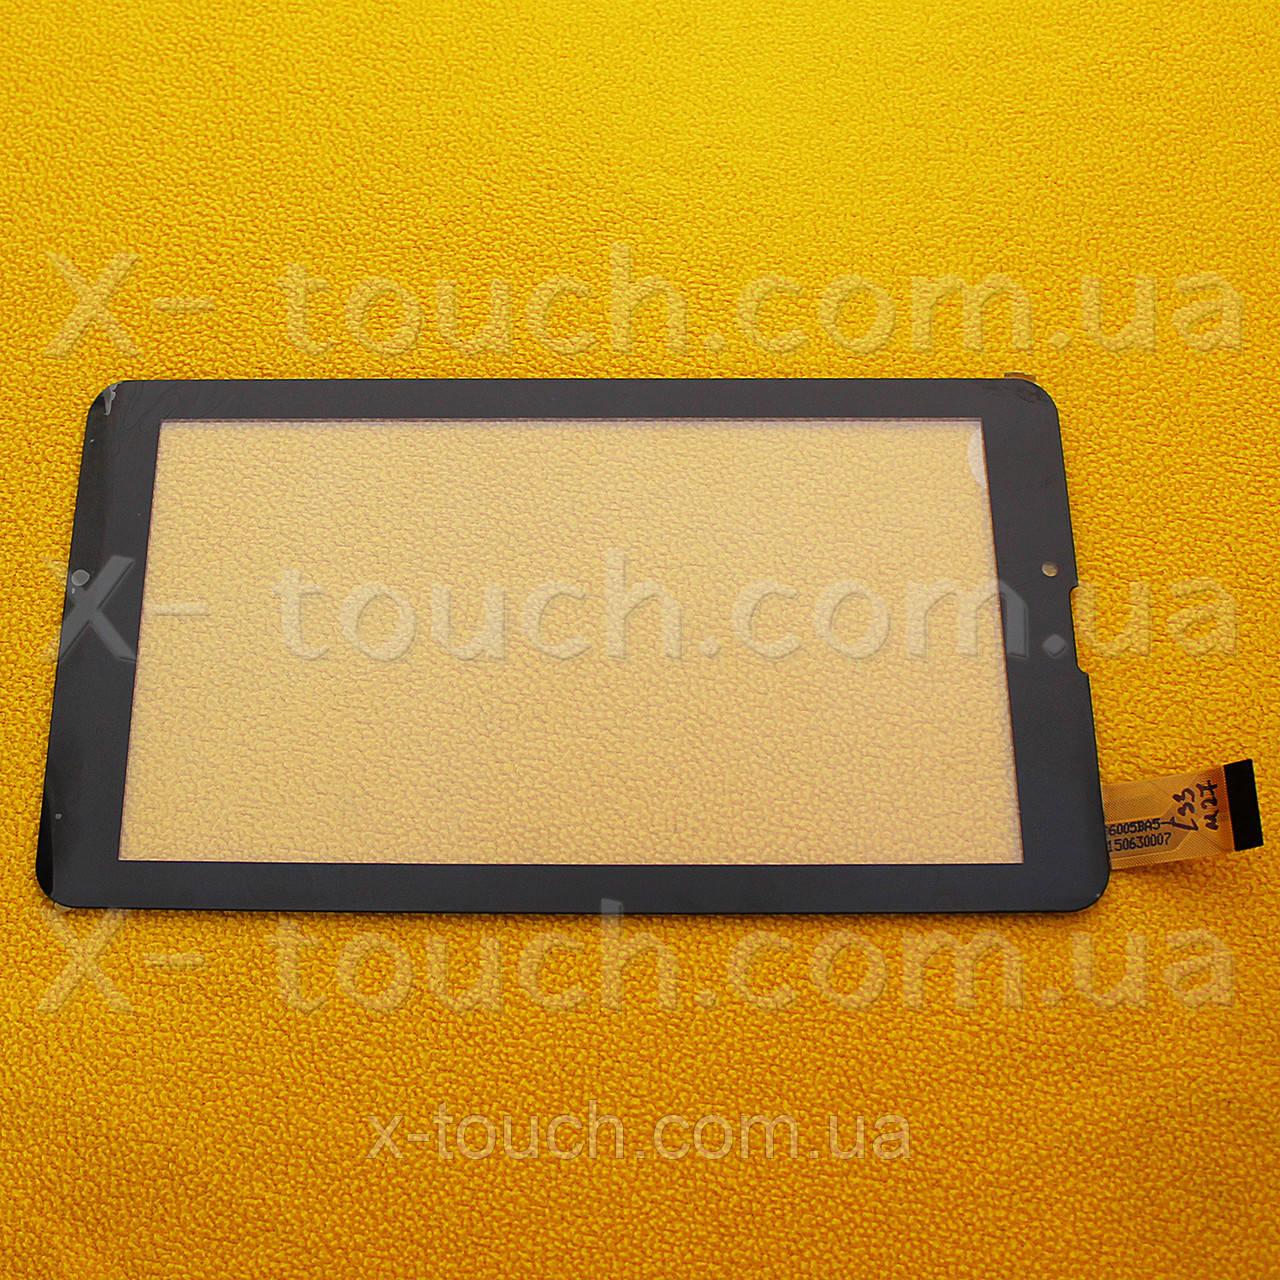 PB70A1820-R1 cенсор, тачскрин 7,0 дюймов, цвет черный, белый.